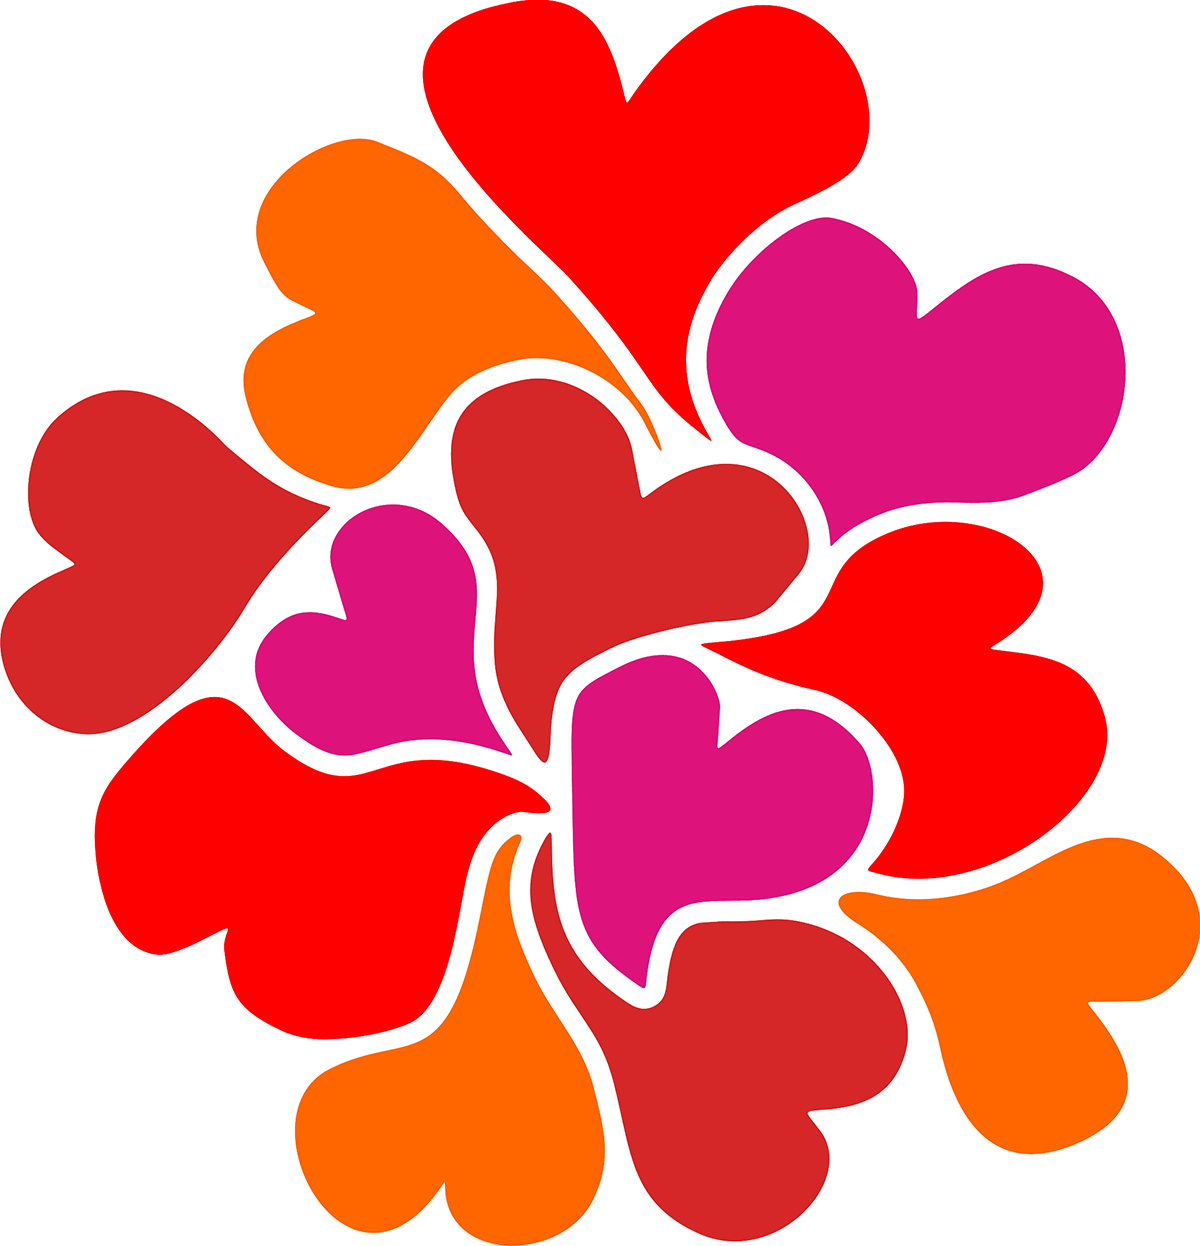 Vinilo decorativo corazones - Dibujos de vinilo para paredes ...